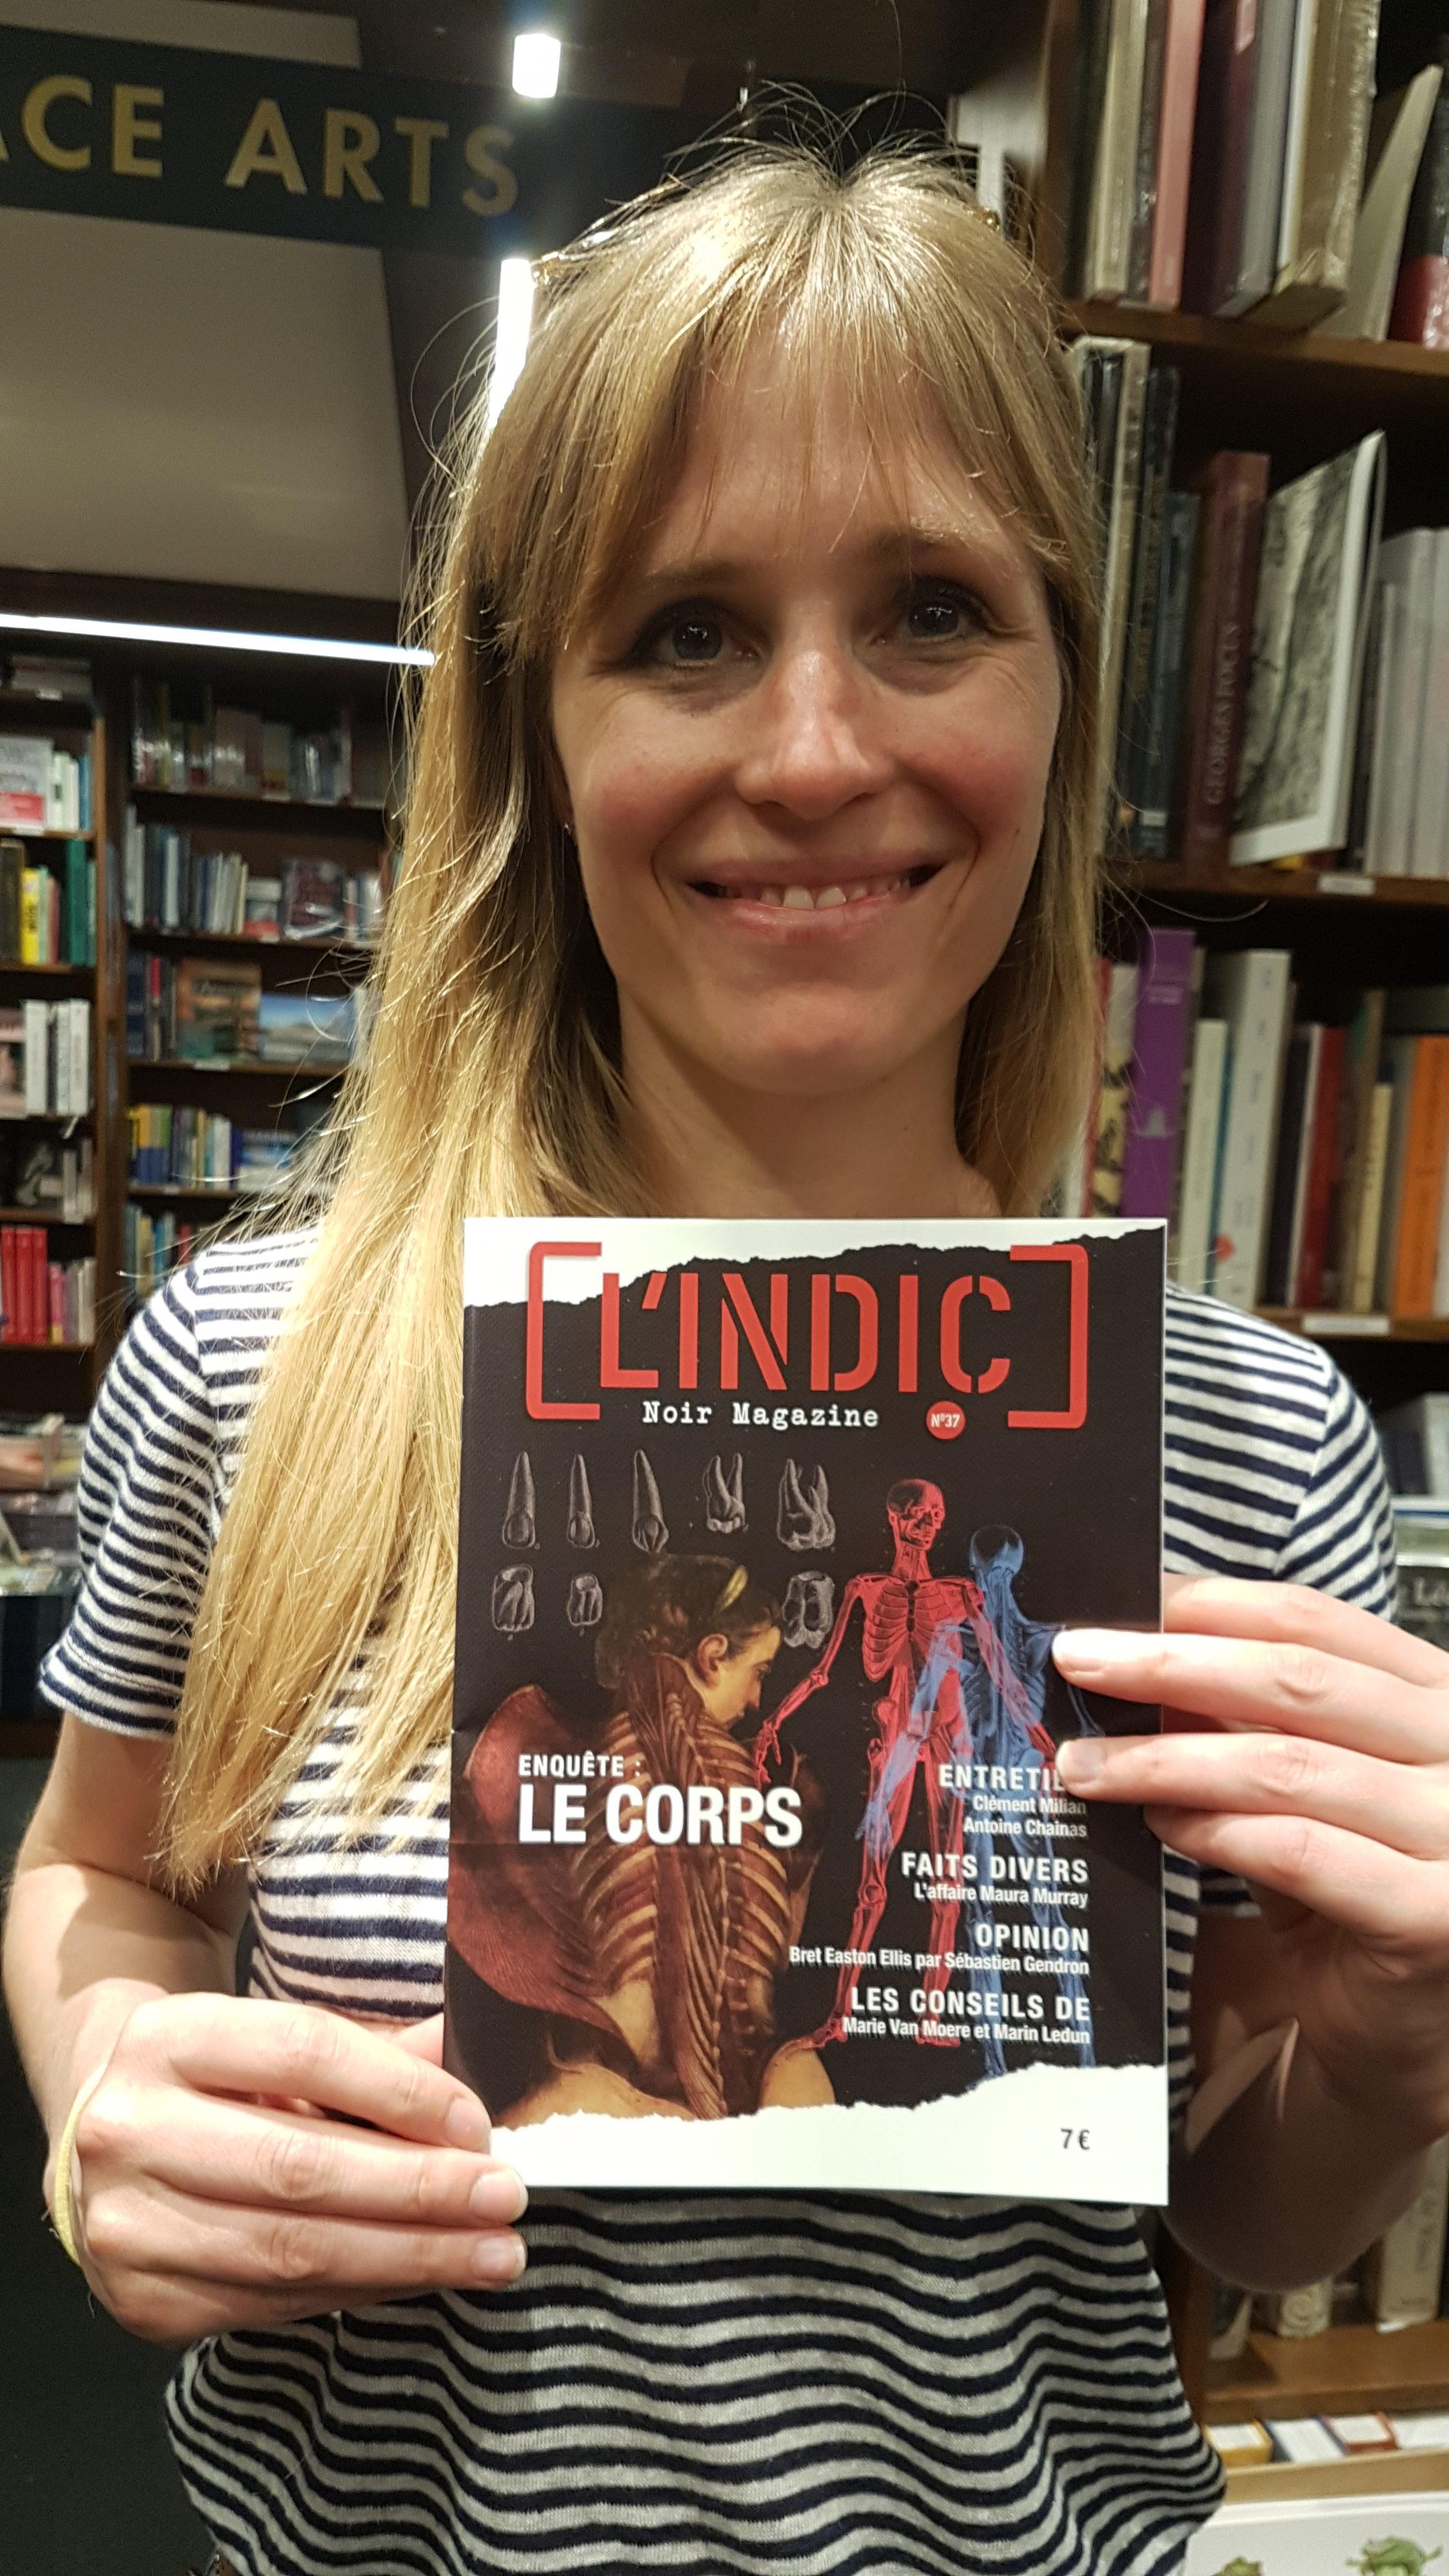 Adeline Dieudonné à la librairie Coiffard